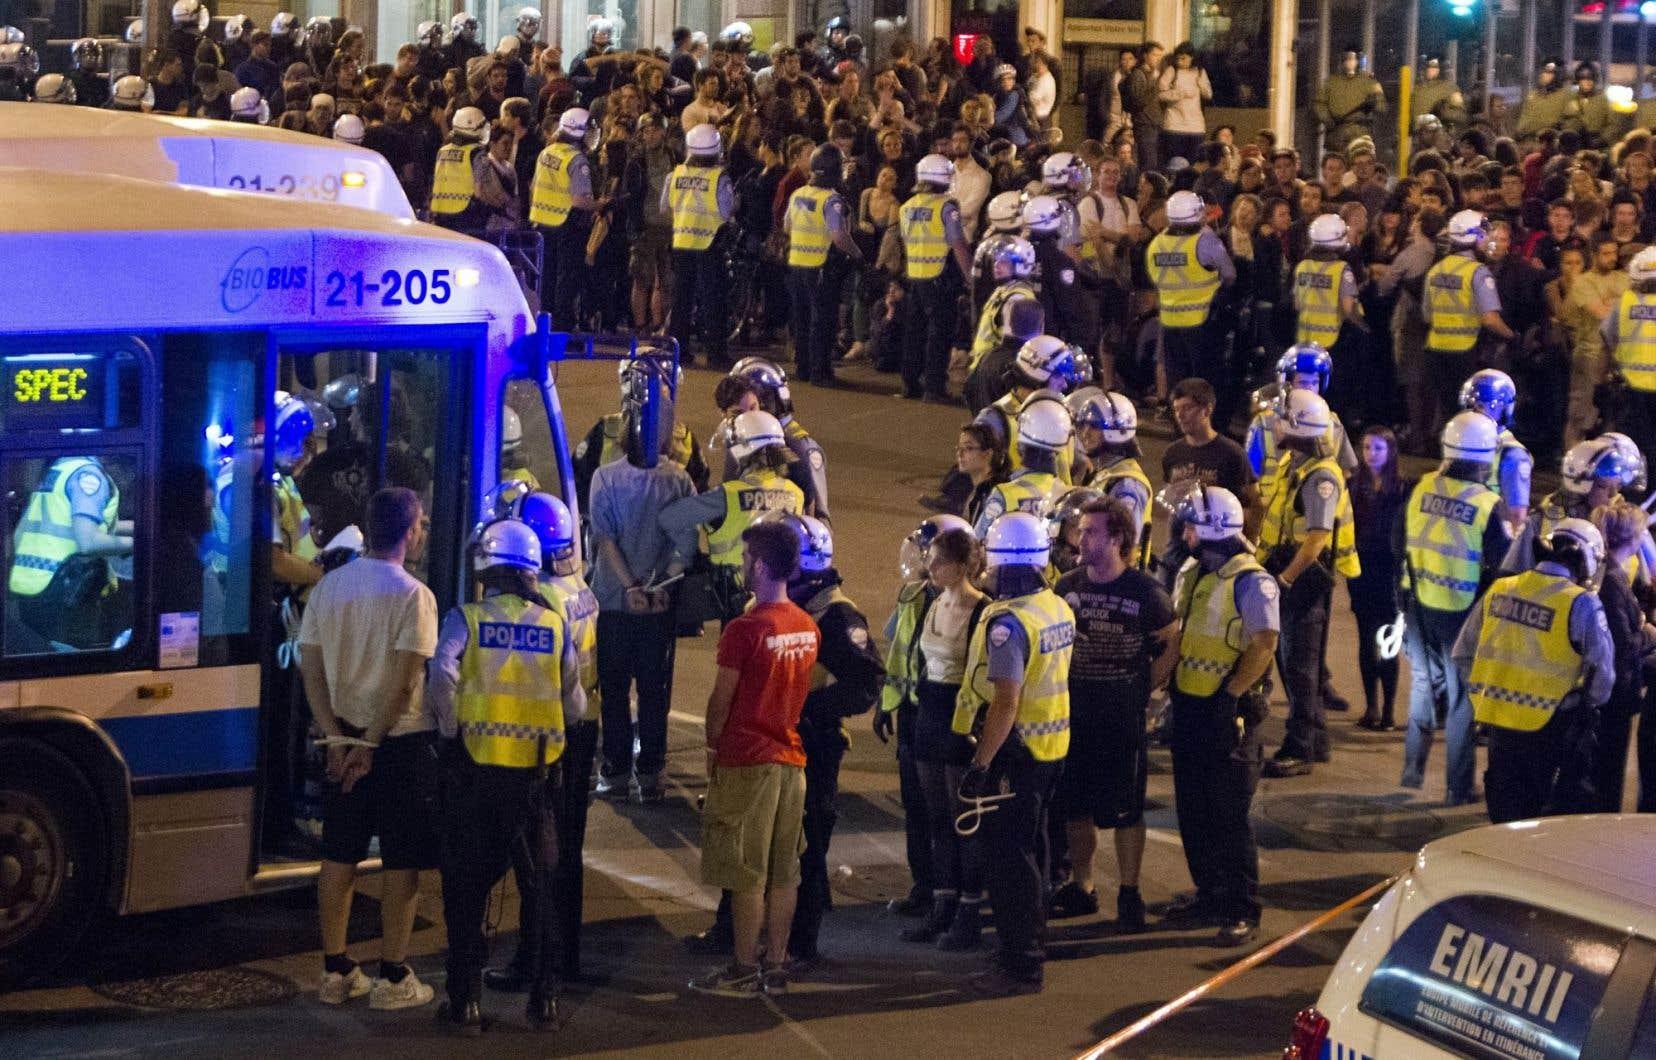 Arrestations de masse en mai 2012 à Montréal